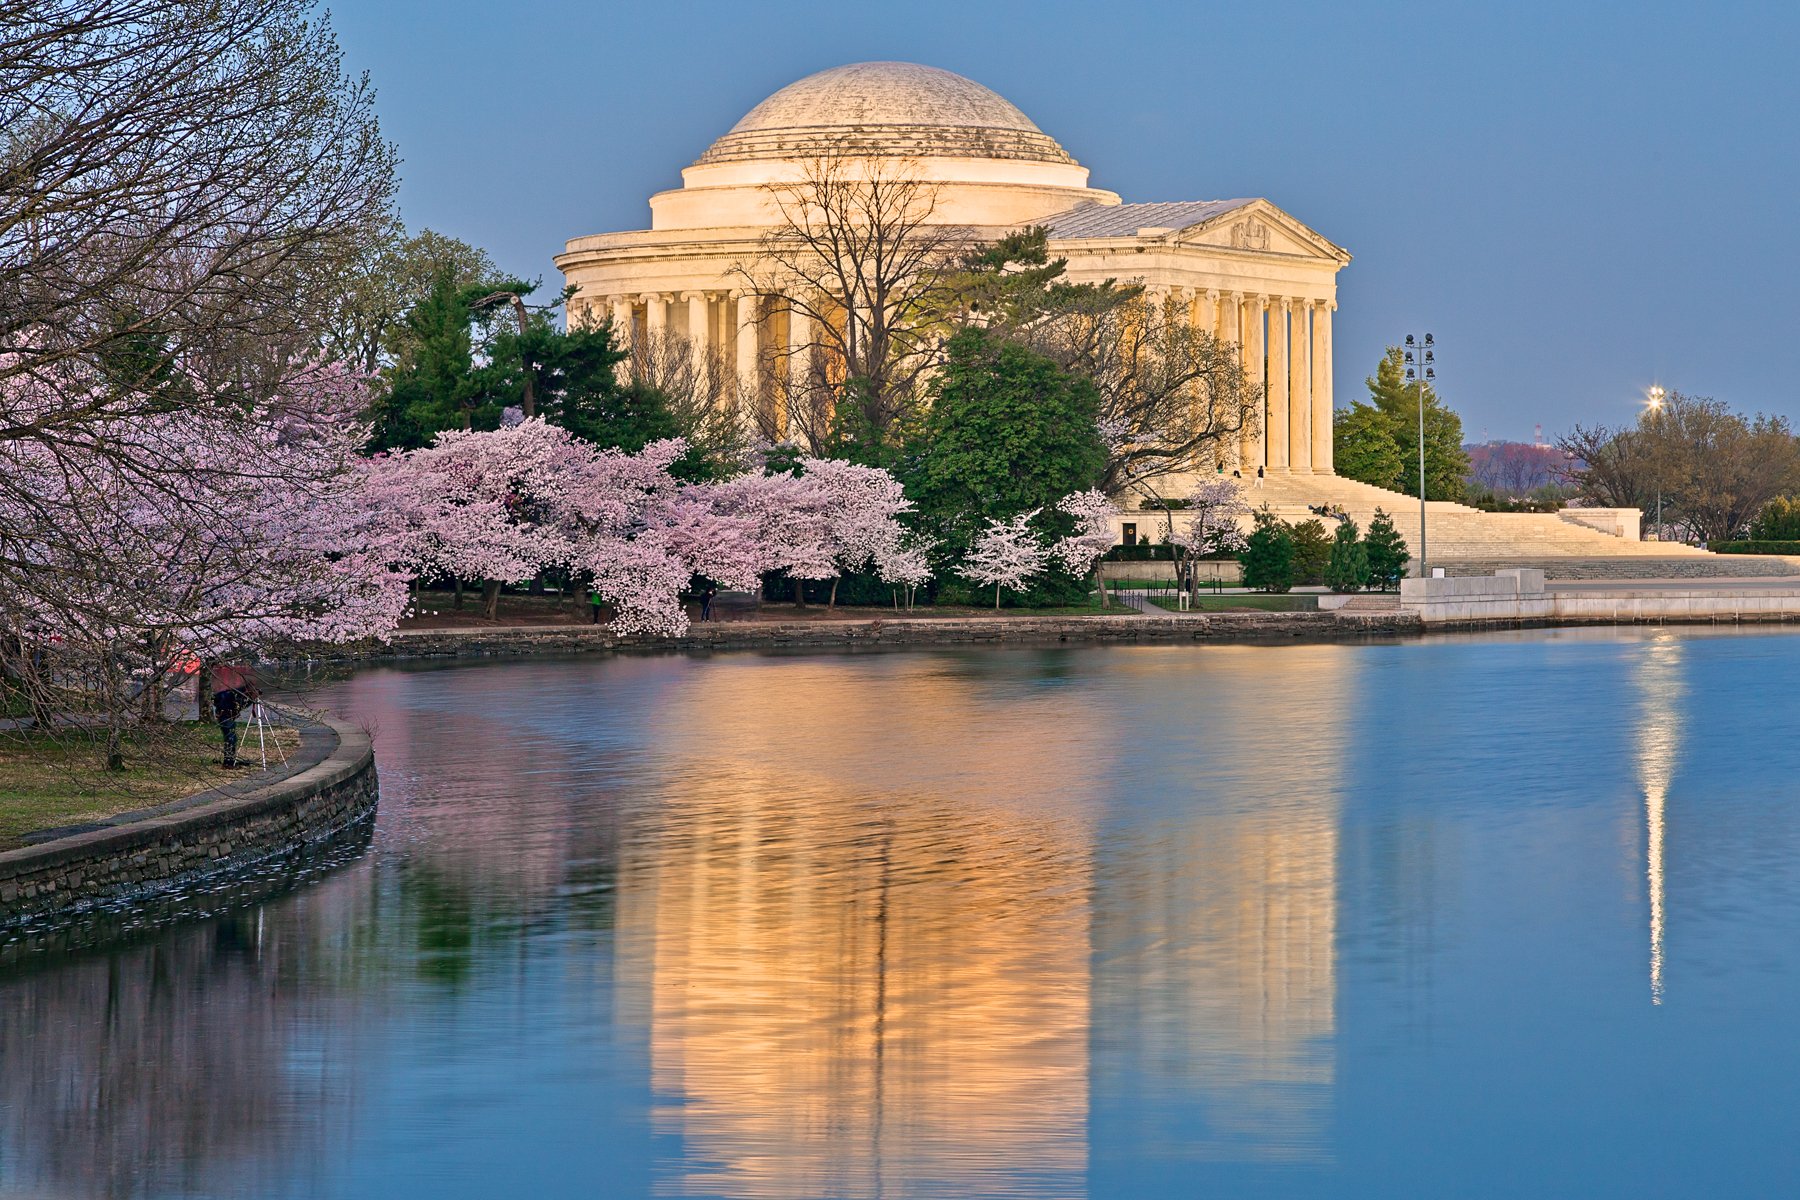 Jefferson Dawn Memorial - HDR, America, Power, Scenic, Scenery, HQ Photo